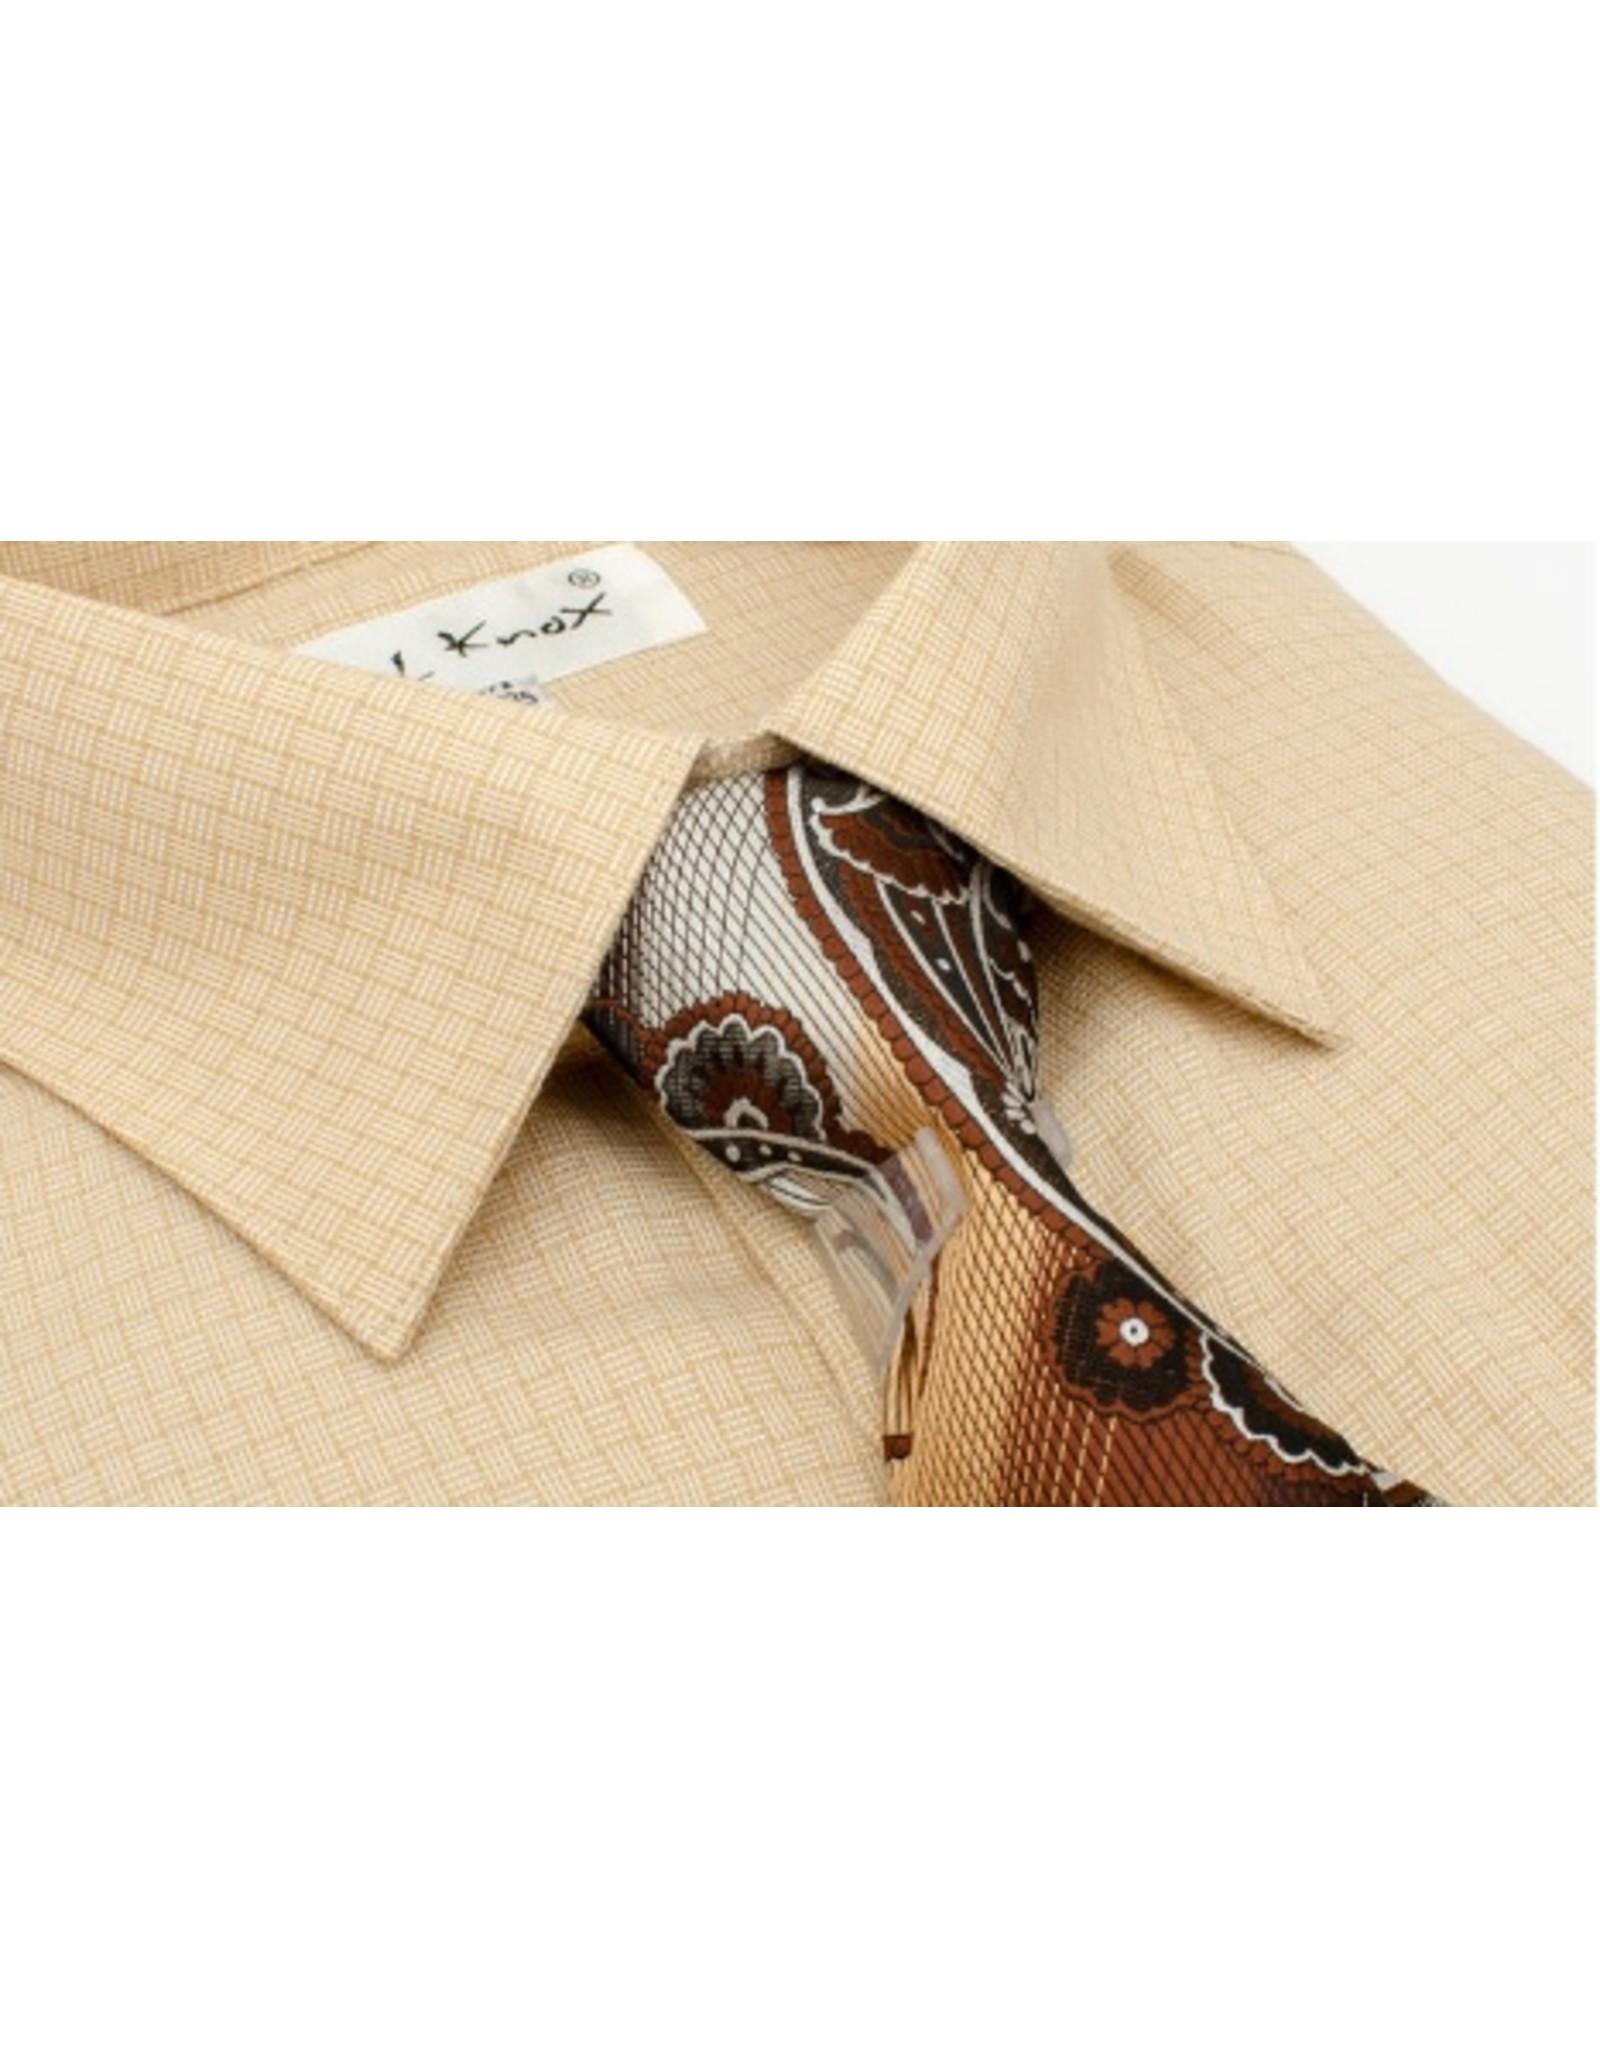 Karl Knox Karl Knox Shirt & Tie Set - SX4398 Tan